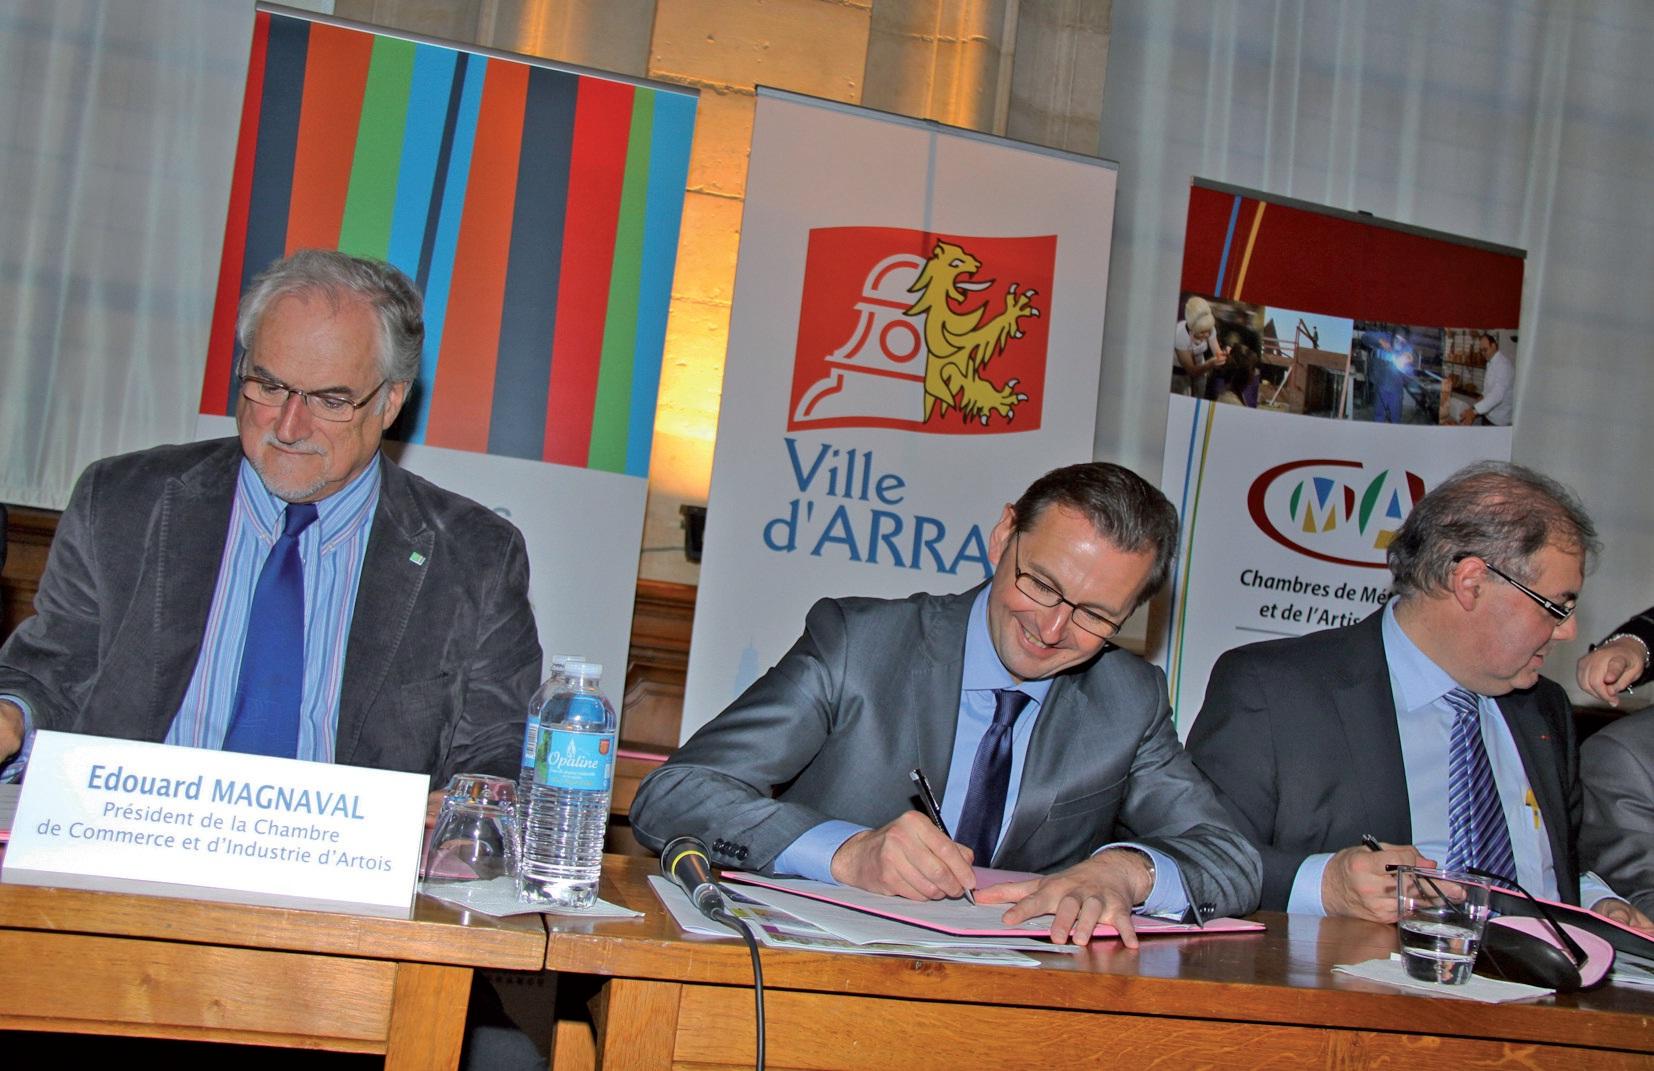 De gauche à droite, les principaux signataires : Edouard Magnaval, président de la CCI Artois, Frédéric Leturque, maire d'Arras, et Gabriel Hollander, 1er vice-président de la chambre de métiers et de l'artisanat Nord-Pas de Calais, président de la section Pas-de-Calais.